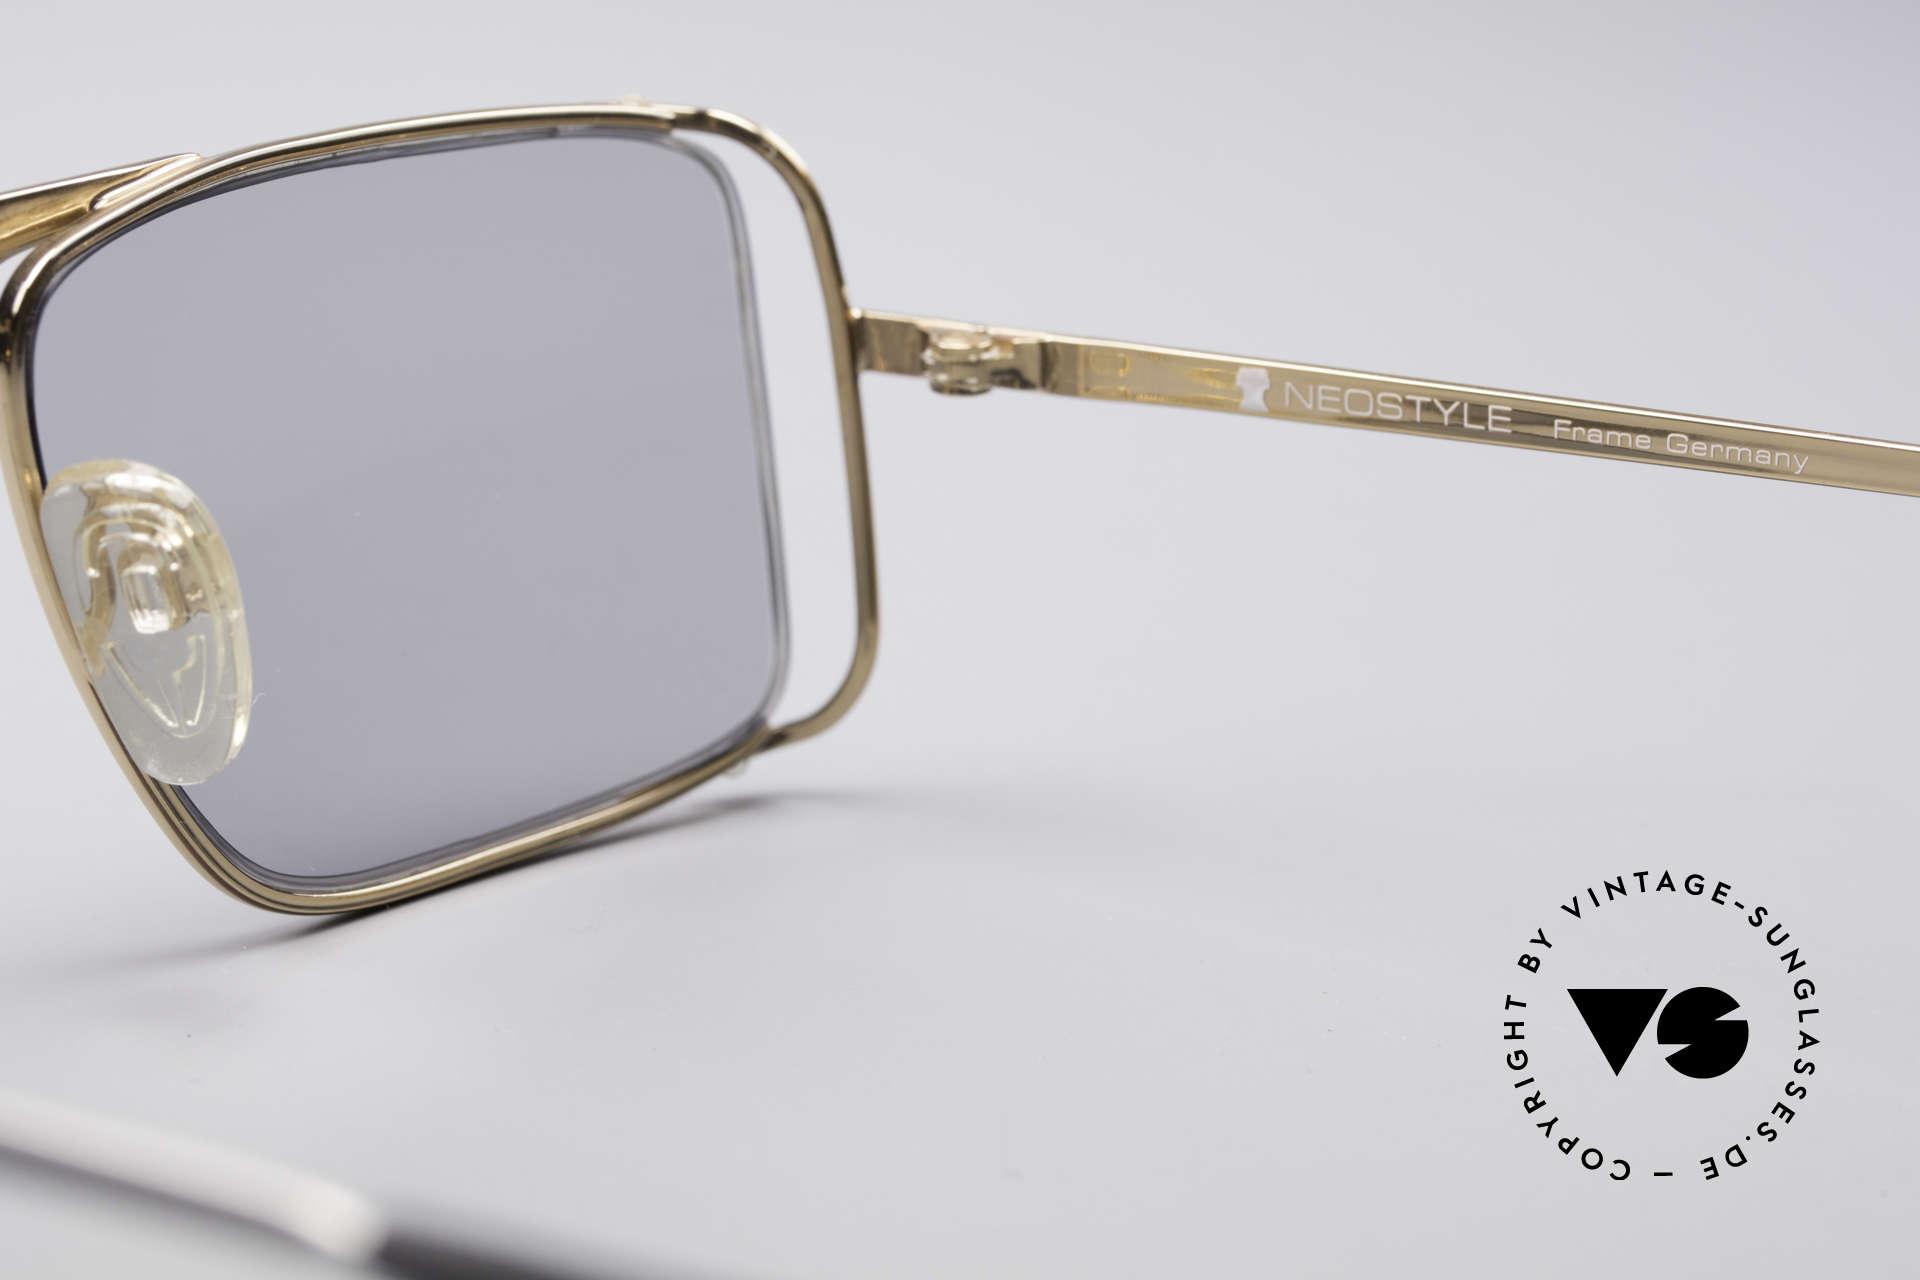 Neostyle Boutique 640 Eckige Vintage Brille, KEINE Retrobrille; ein ungetragenes Original von 1986!, Passend für Herren und Damen